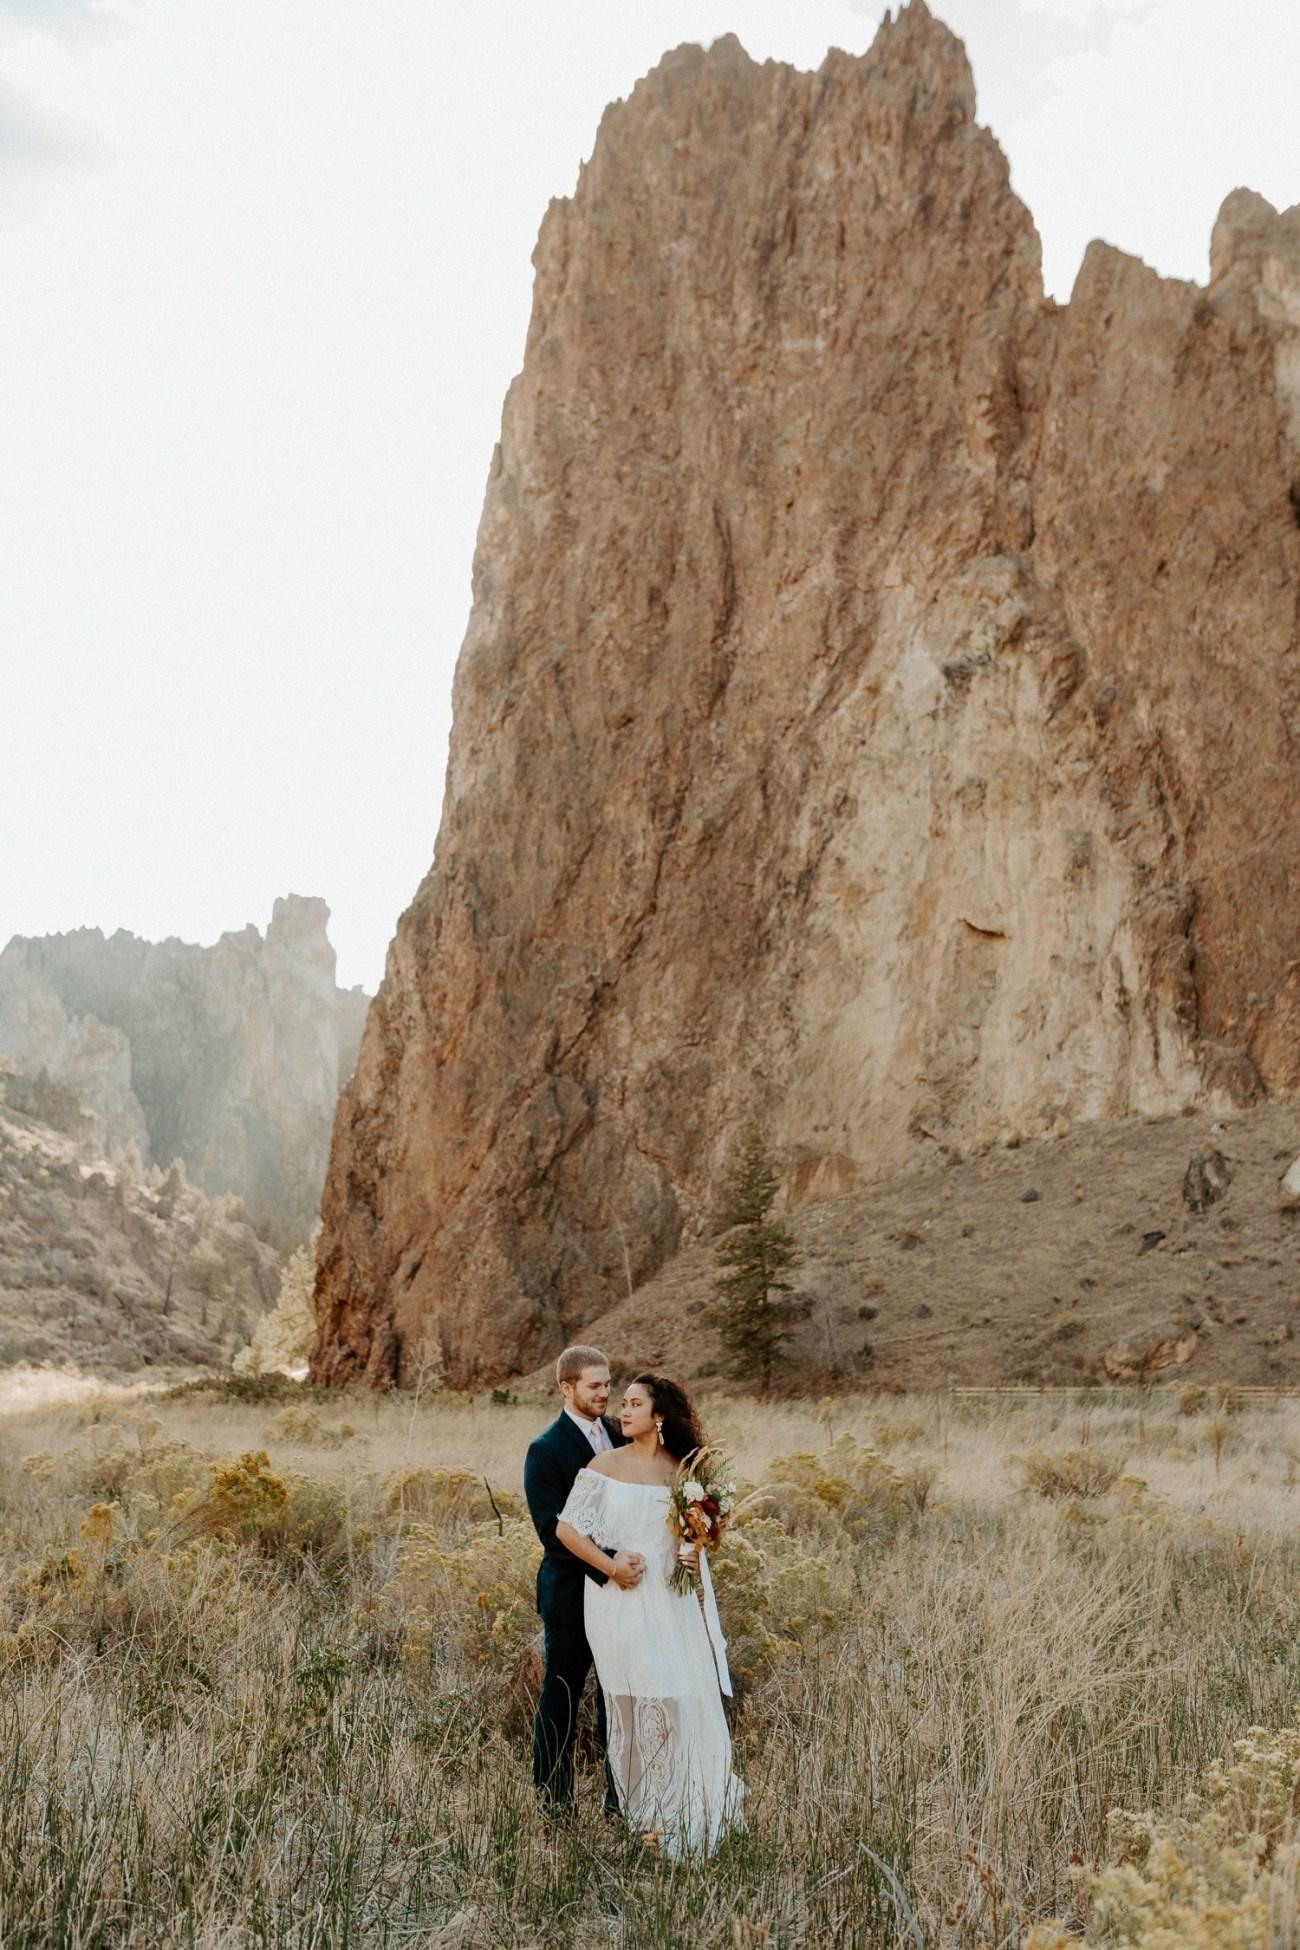 Smith Rock Elopement Bend Elopement Photographer Bend Wedding Photographer Fall Bend Wedding Anais Possamai Photography 004